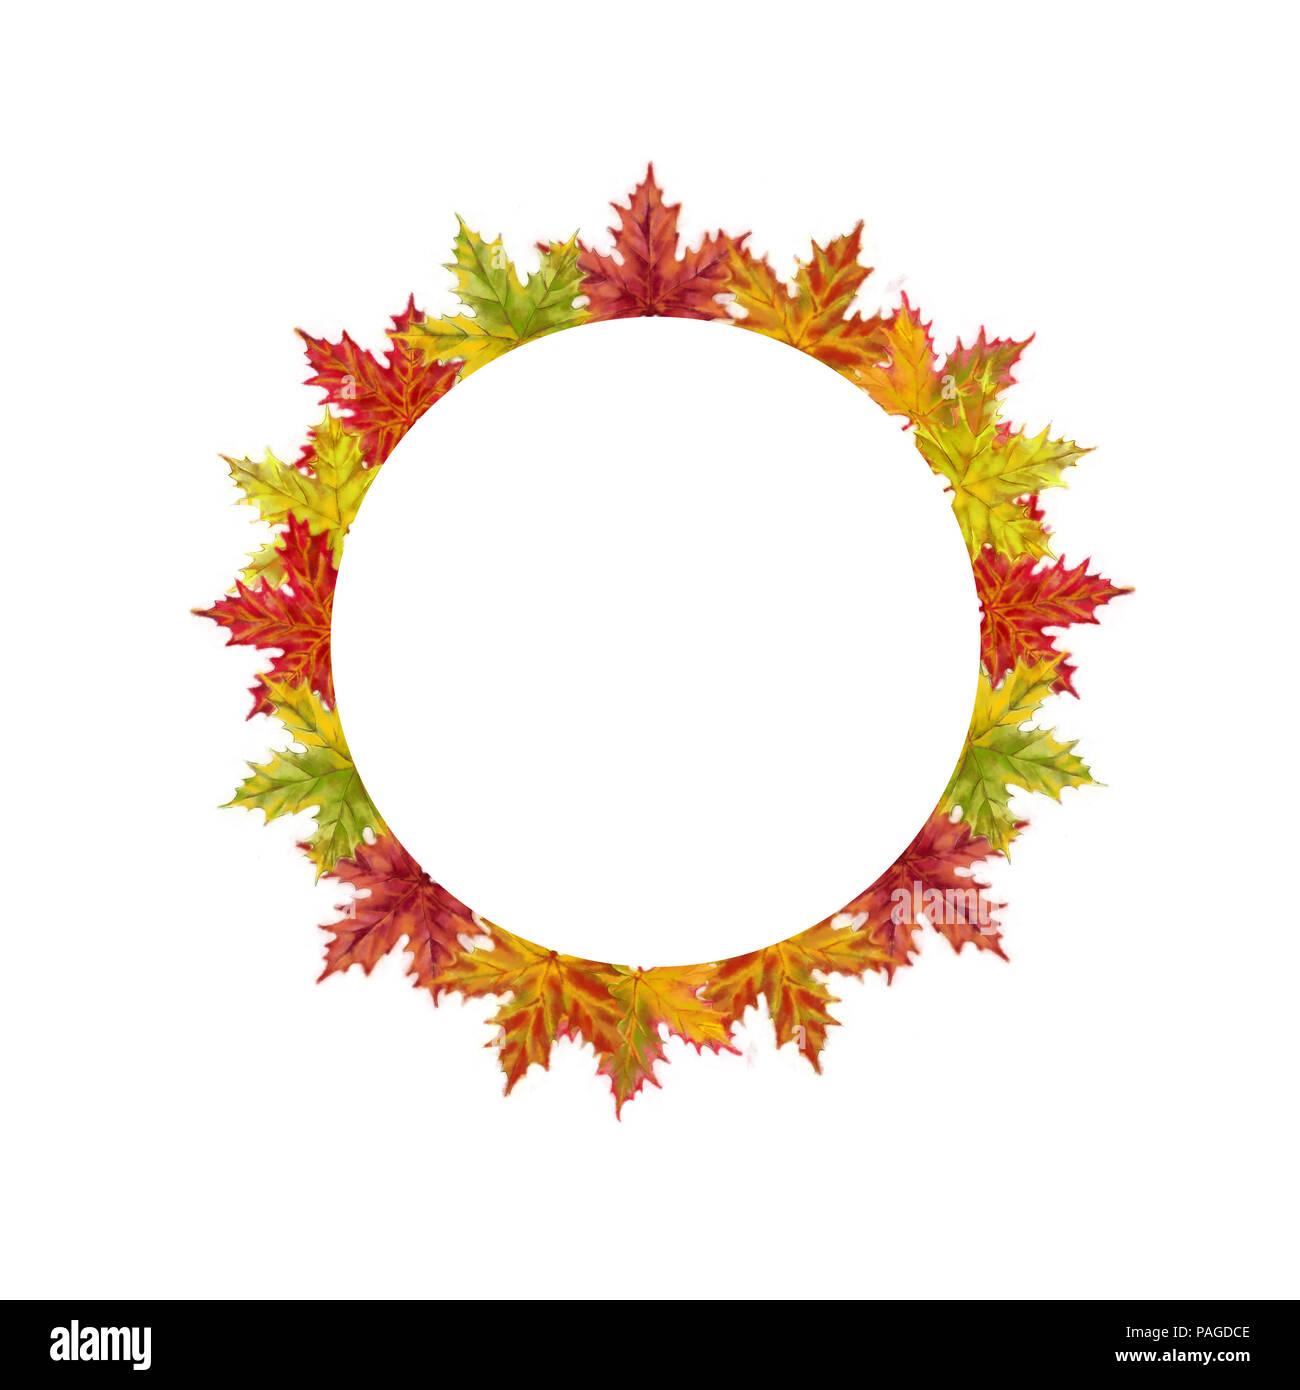 Herbst Ahorn Blätter runde Schablone isoliert auf weißem Hintergrund ...